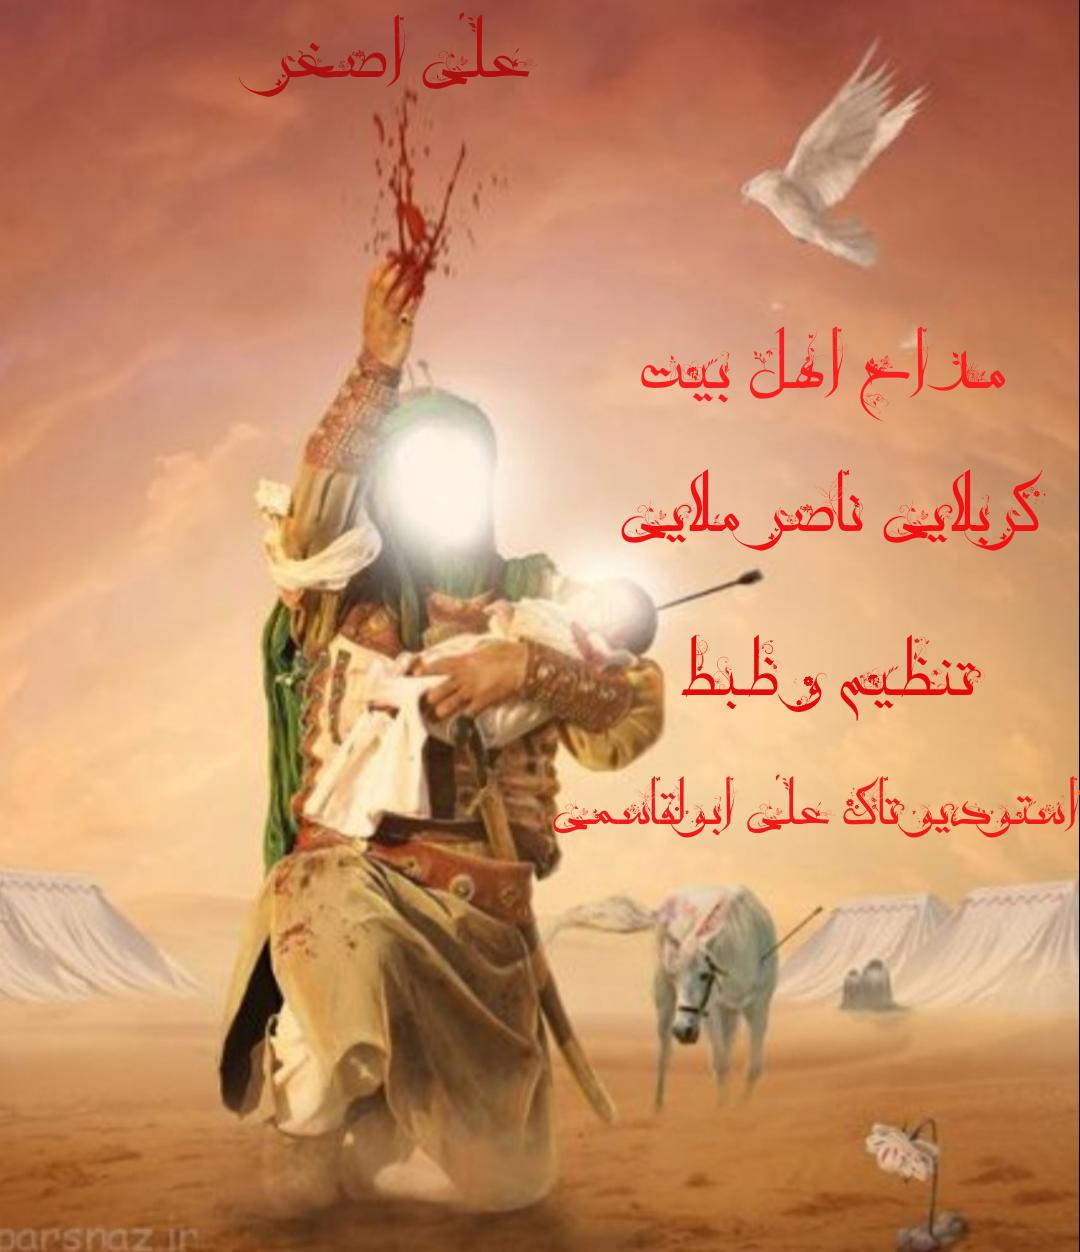 کربلایی ناصر ملایی دانلود مداحی جدید و بسیار زیبا و شنیدنی بنام علی اصغر